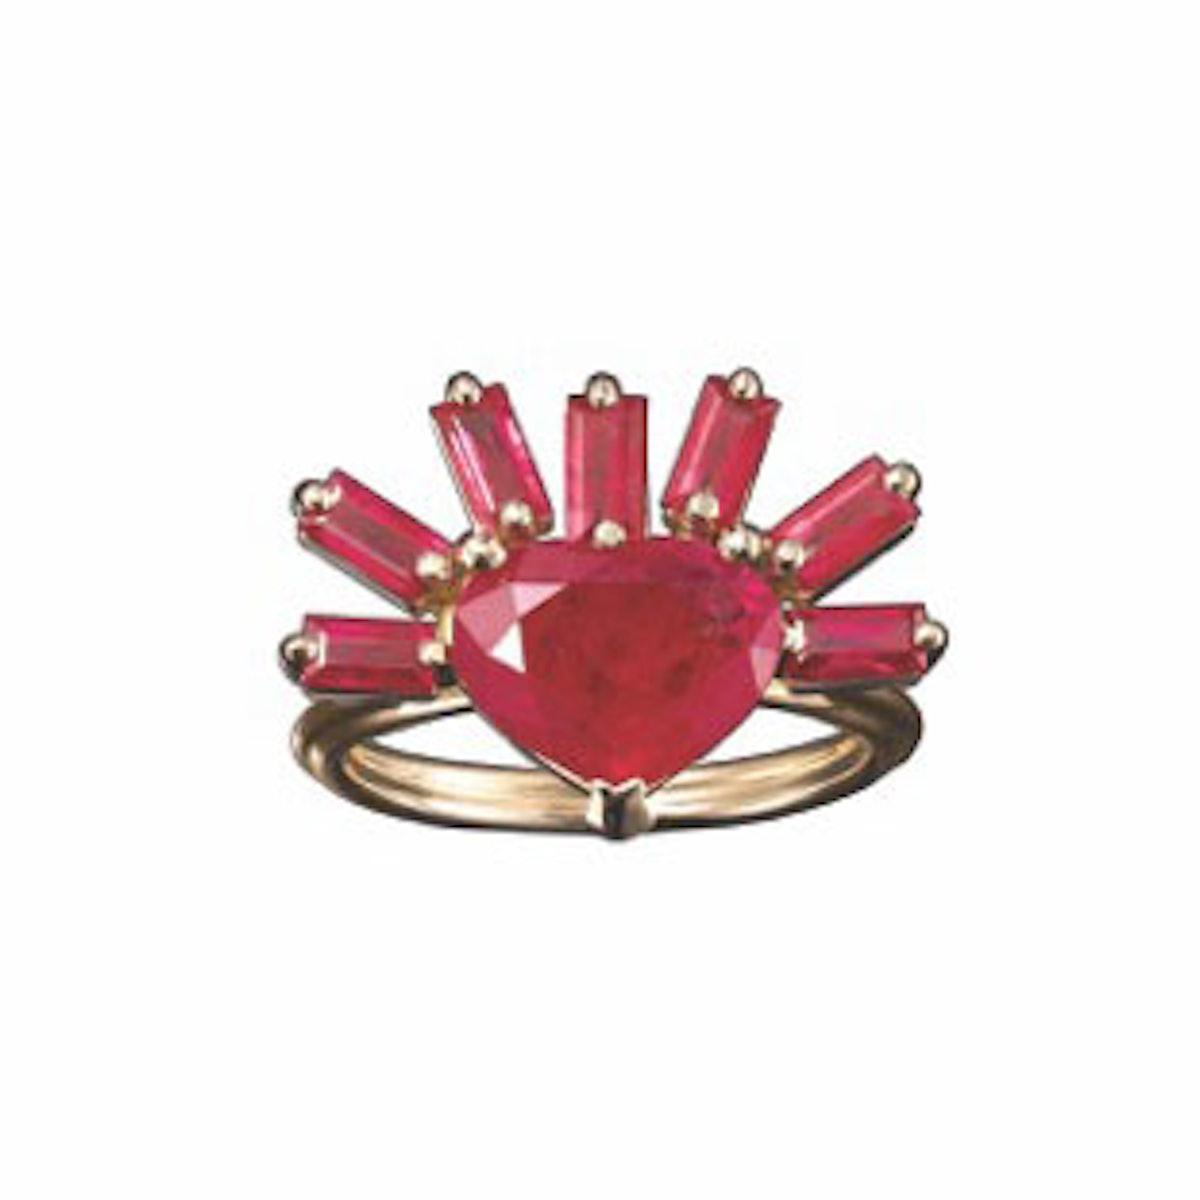 Solange-Azagury-Partridge-ruby-ring,-$45,000,-at-212-879-8181